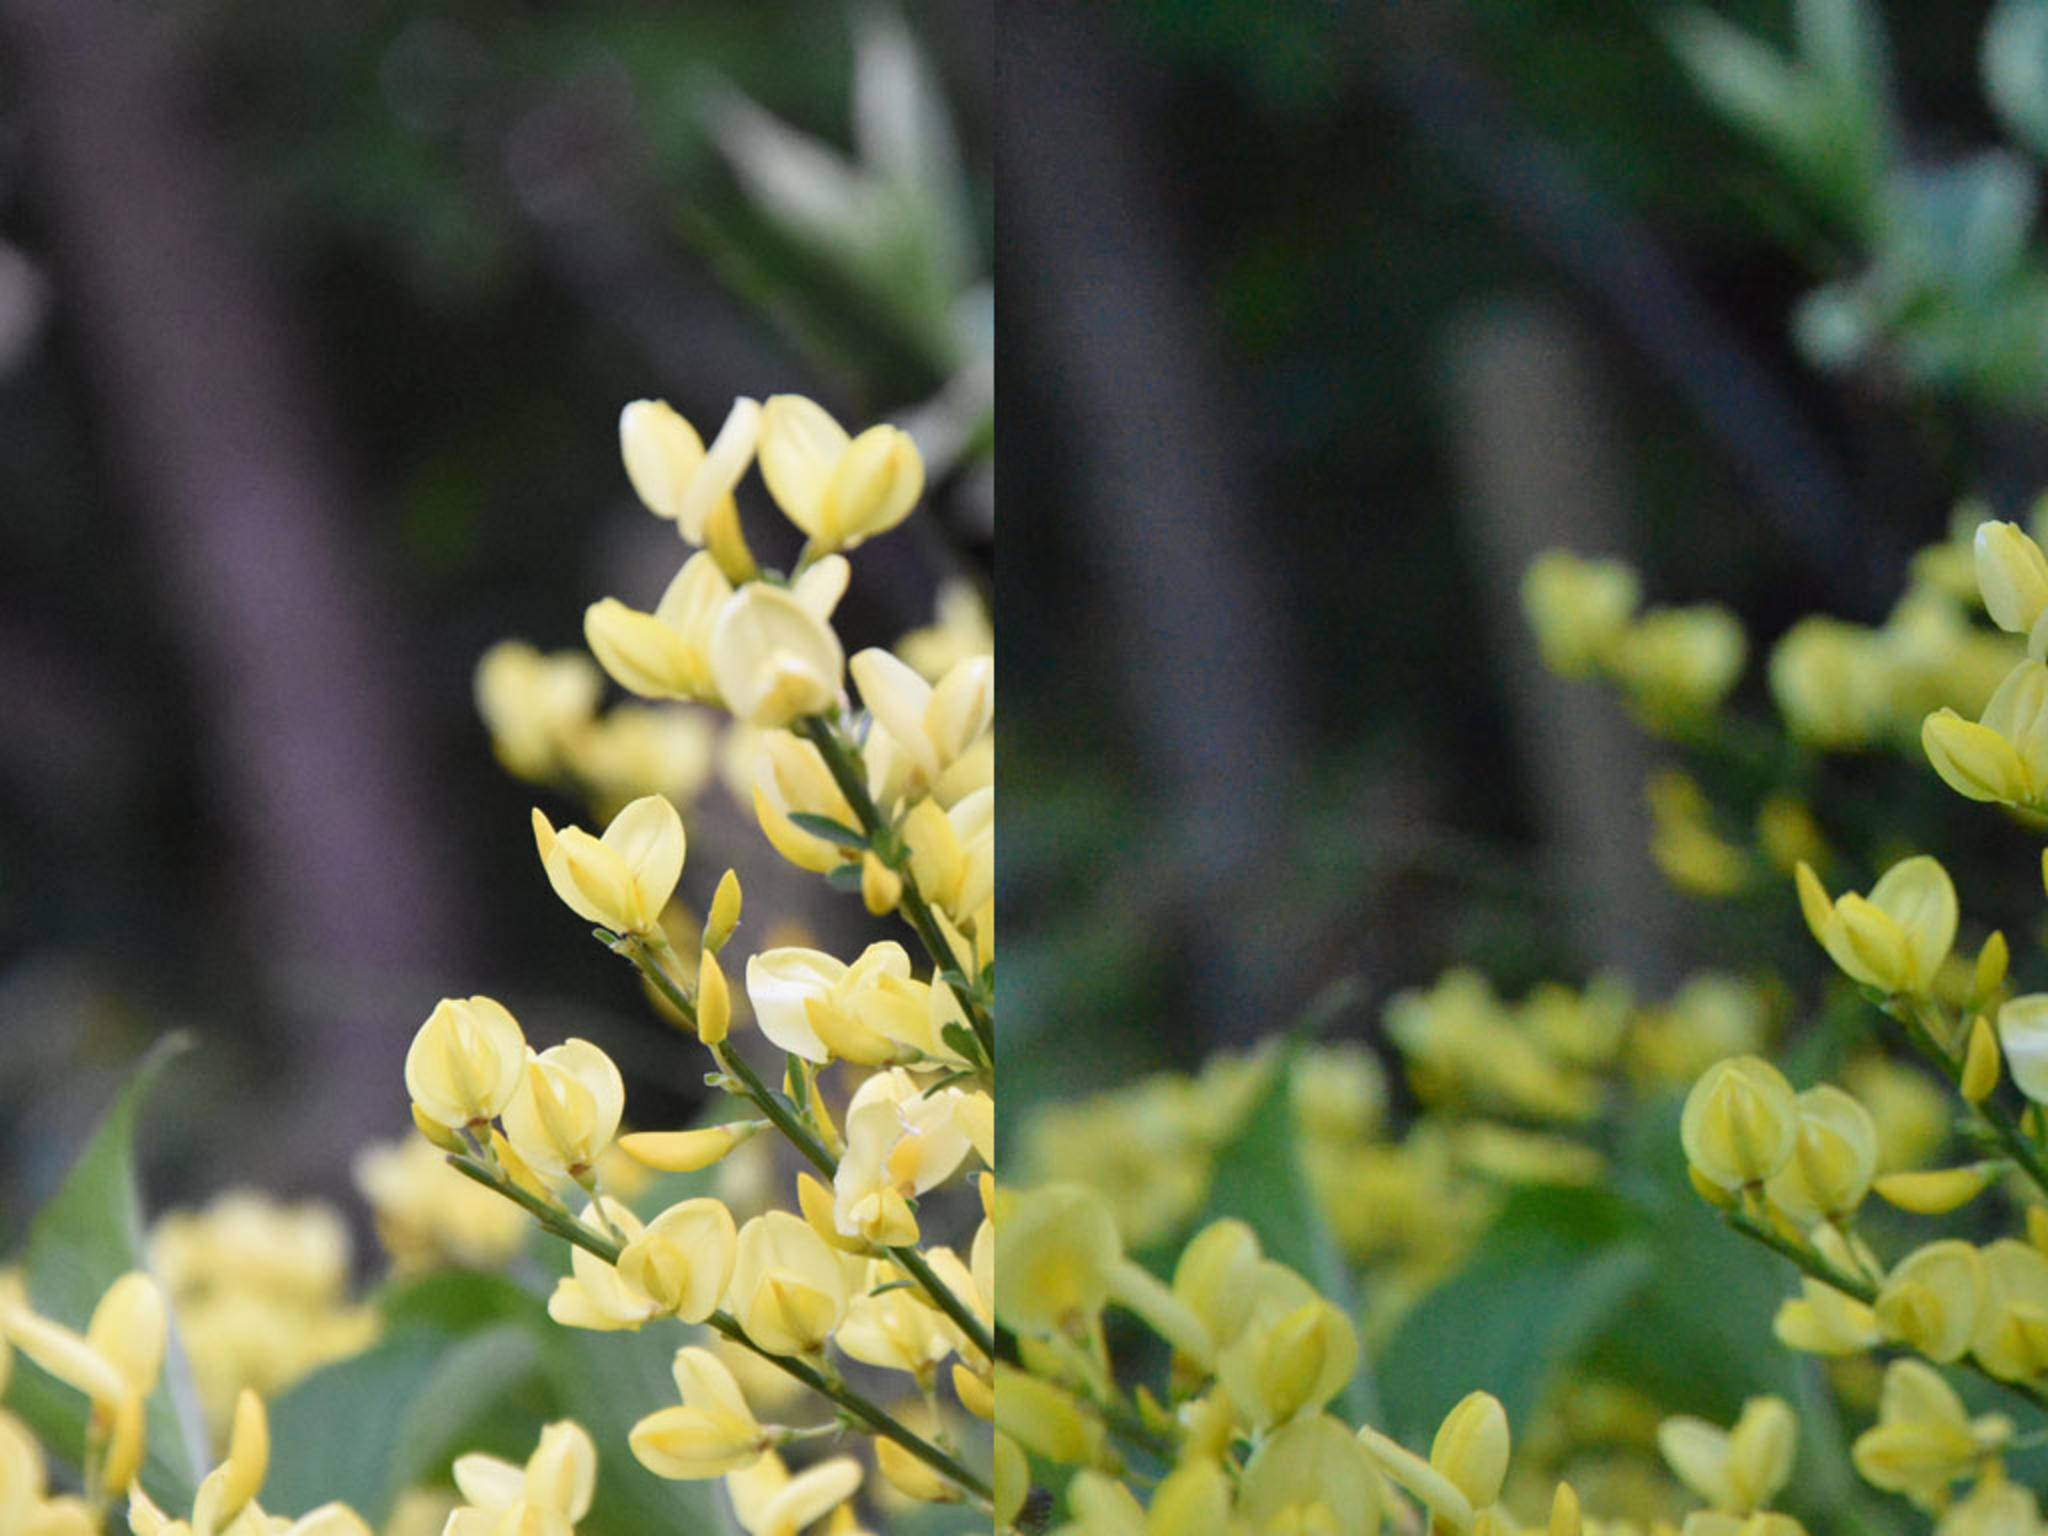 Der Vergleich: Links die Nikon D7200, rechts das Modell D7000. Bei ISO 6400 sind Farben und Rauschen beim neuen Modell deutlich besser.